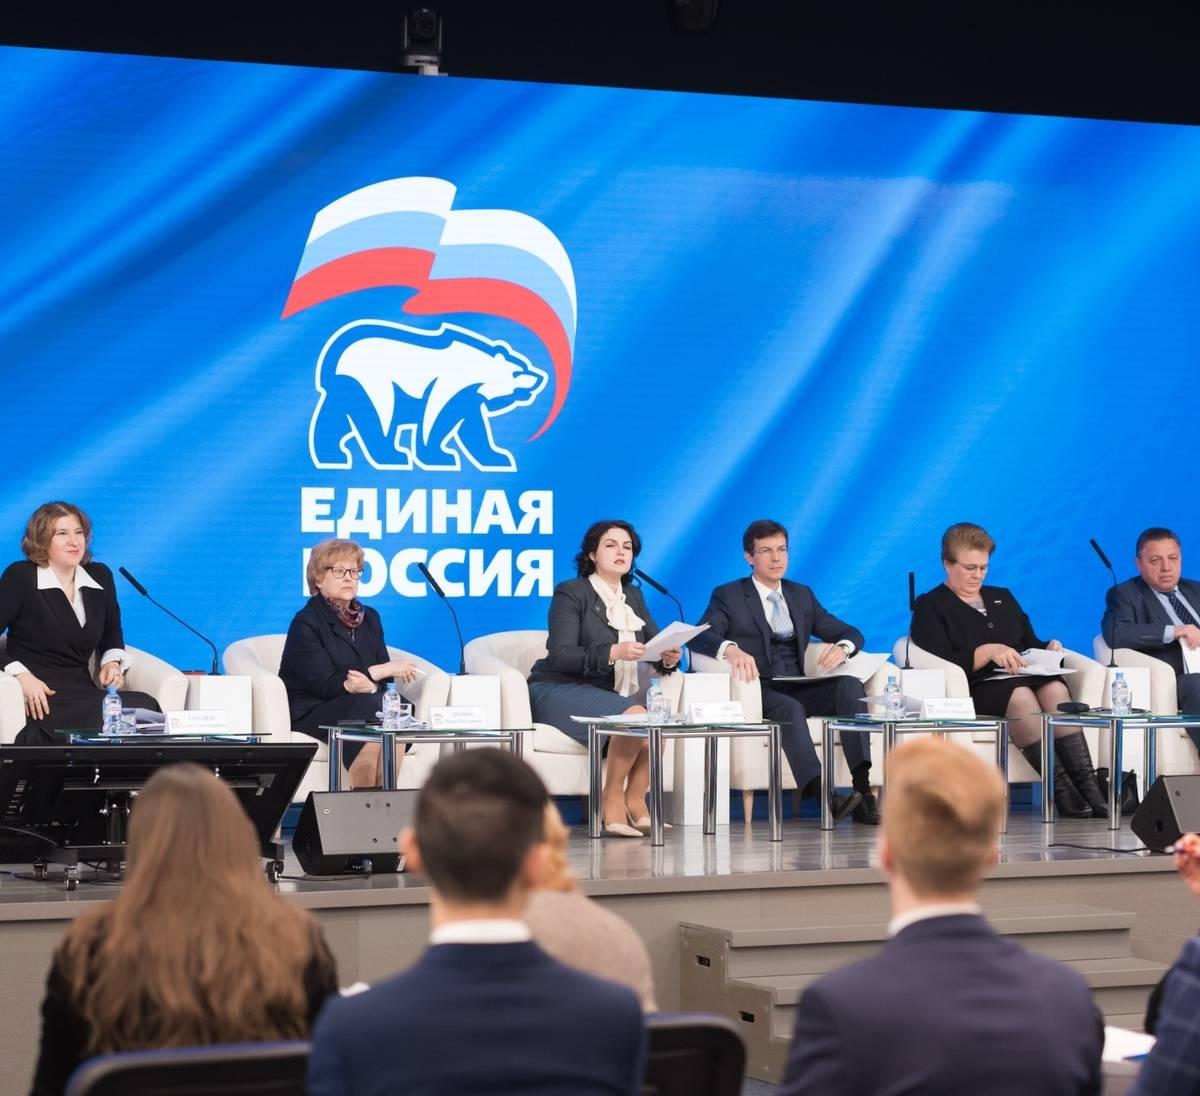 Единороссы не спешат отказываться от пенсионных надбавок